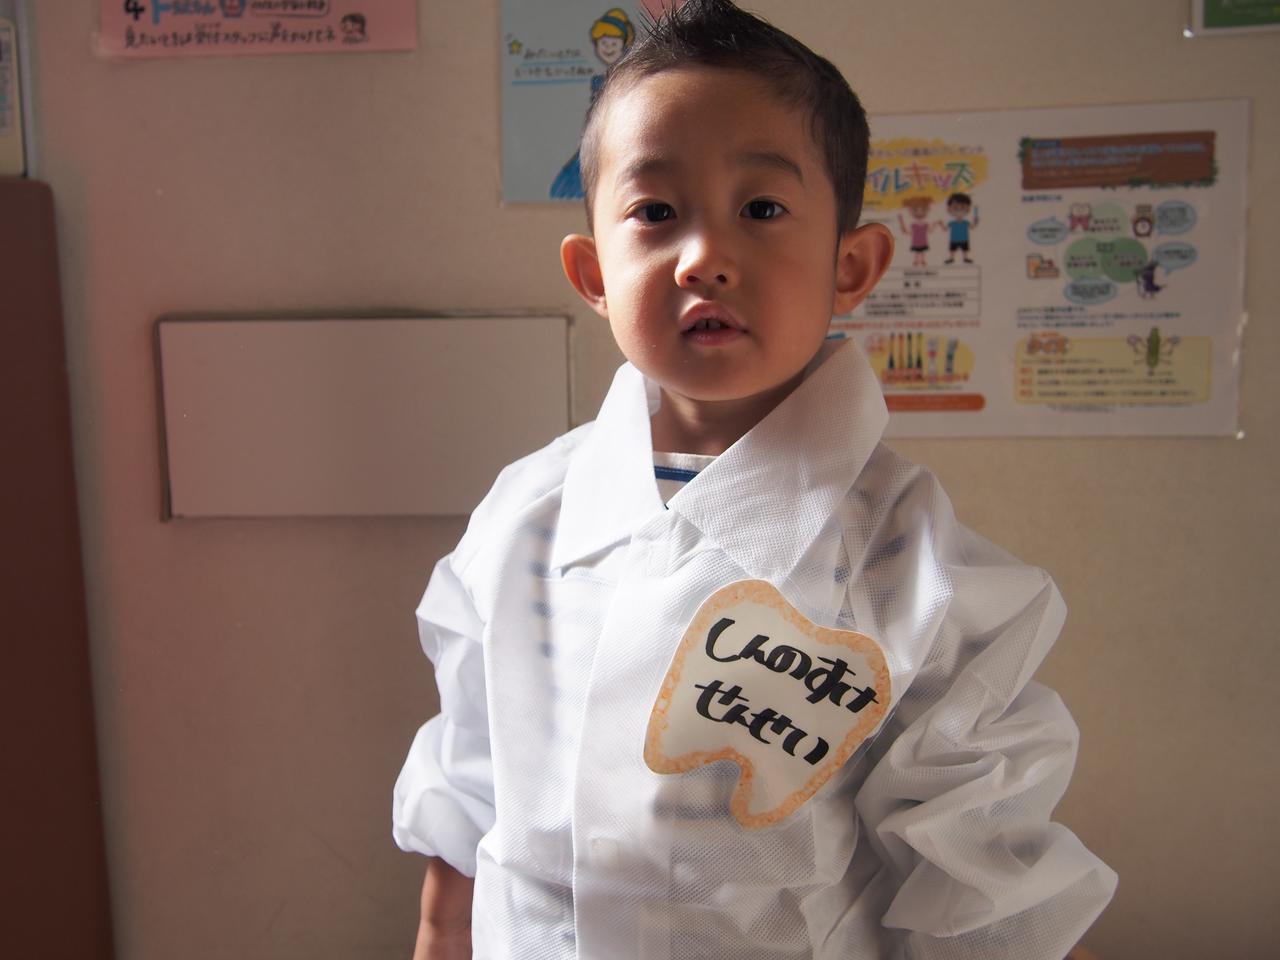 画像: おこちゃまも今日は先生!白衣を着て、表情も引き締まります。